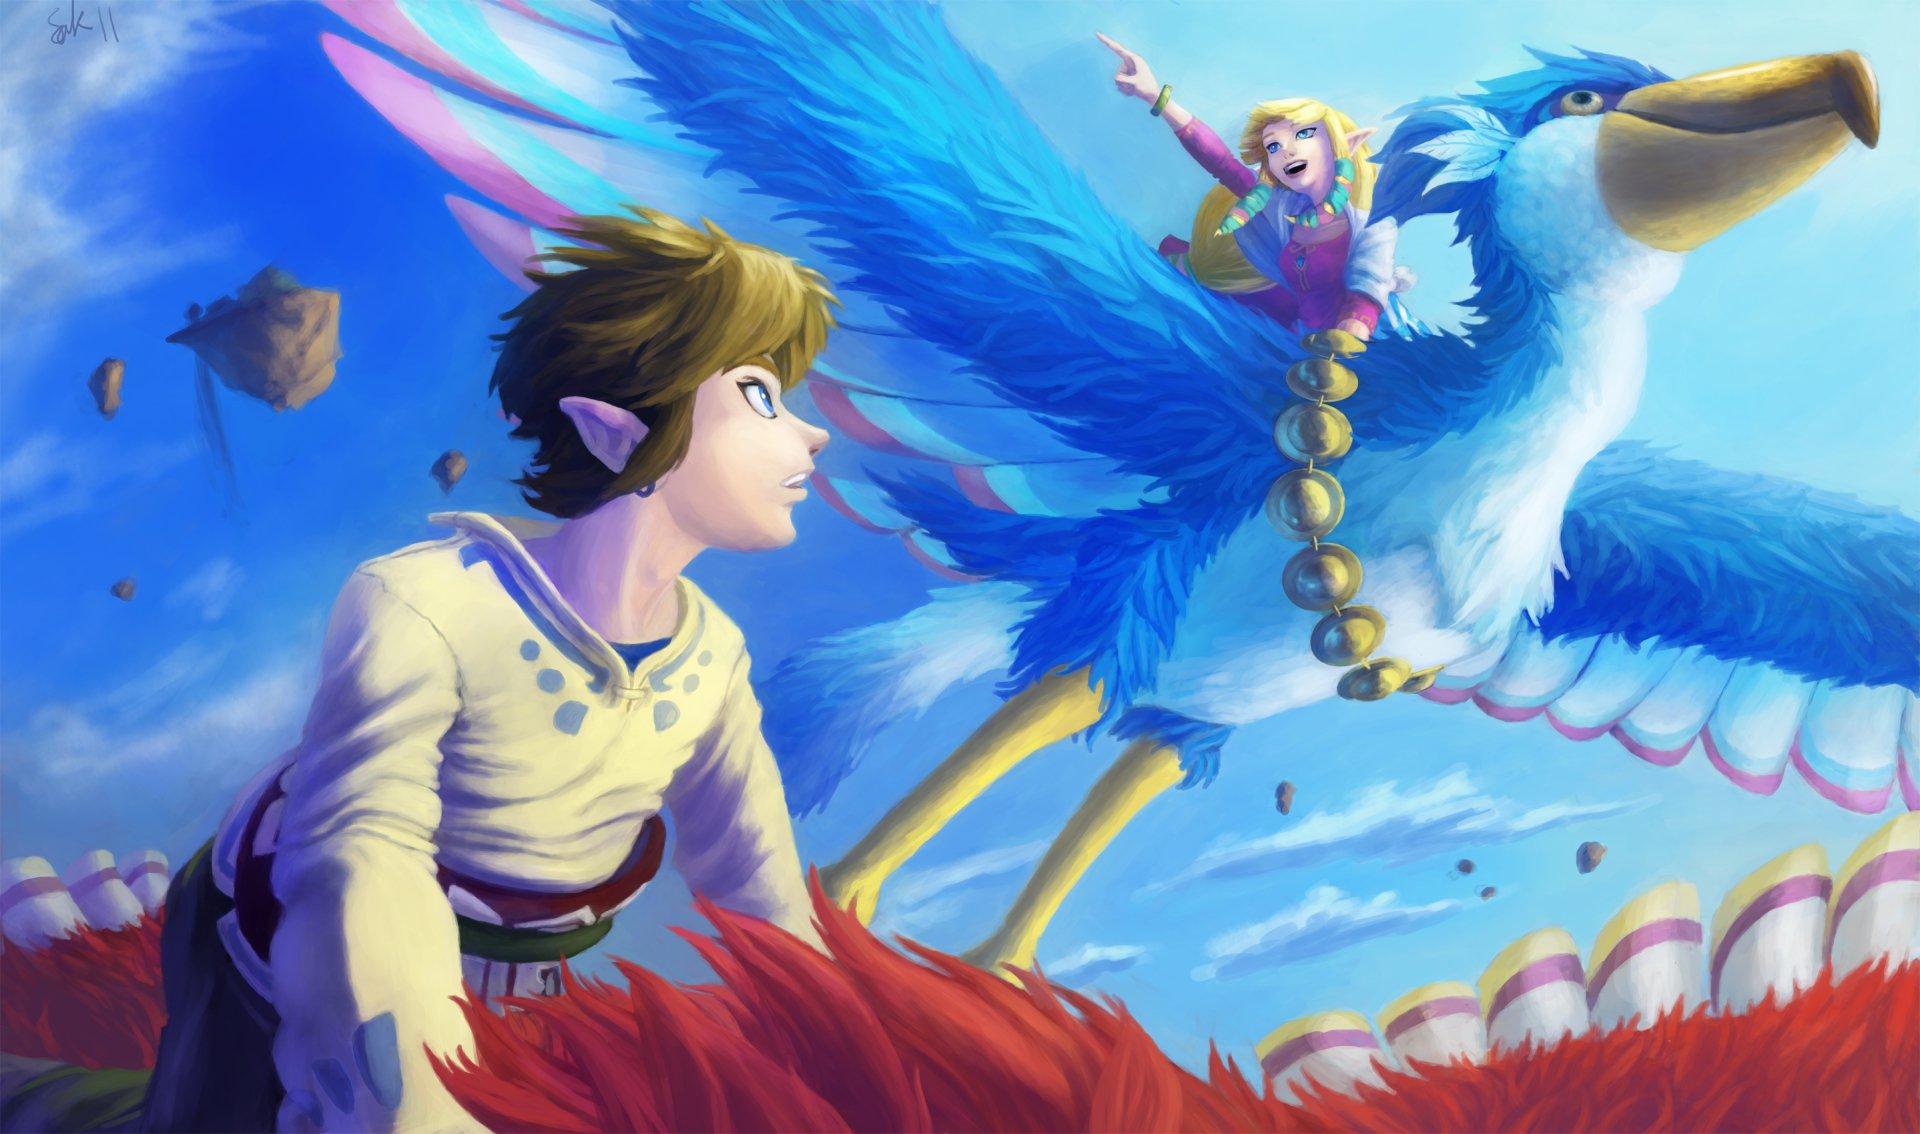 Video Game - The Legend Of Zelda: Skyward Sword  Zelda Link Wallpaper